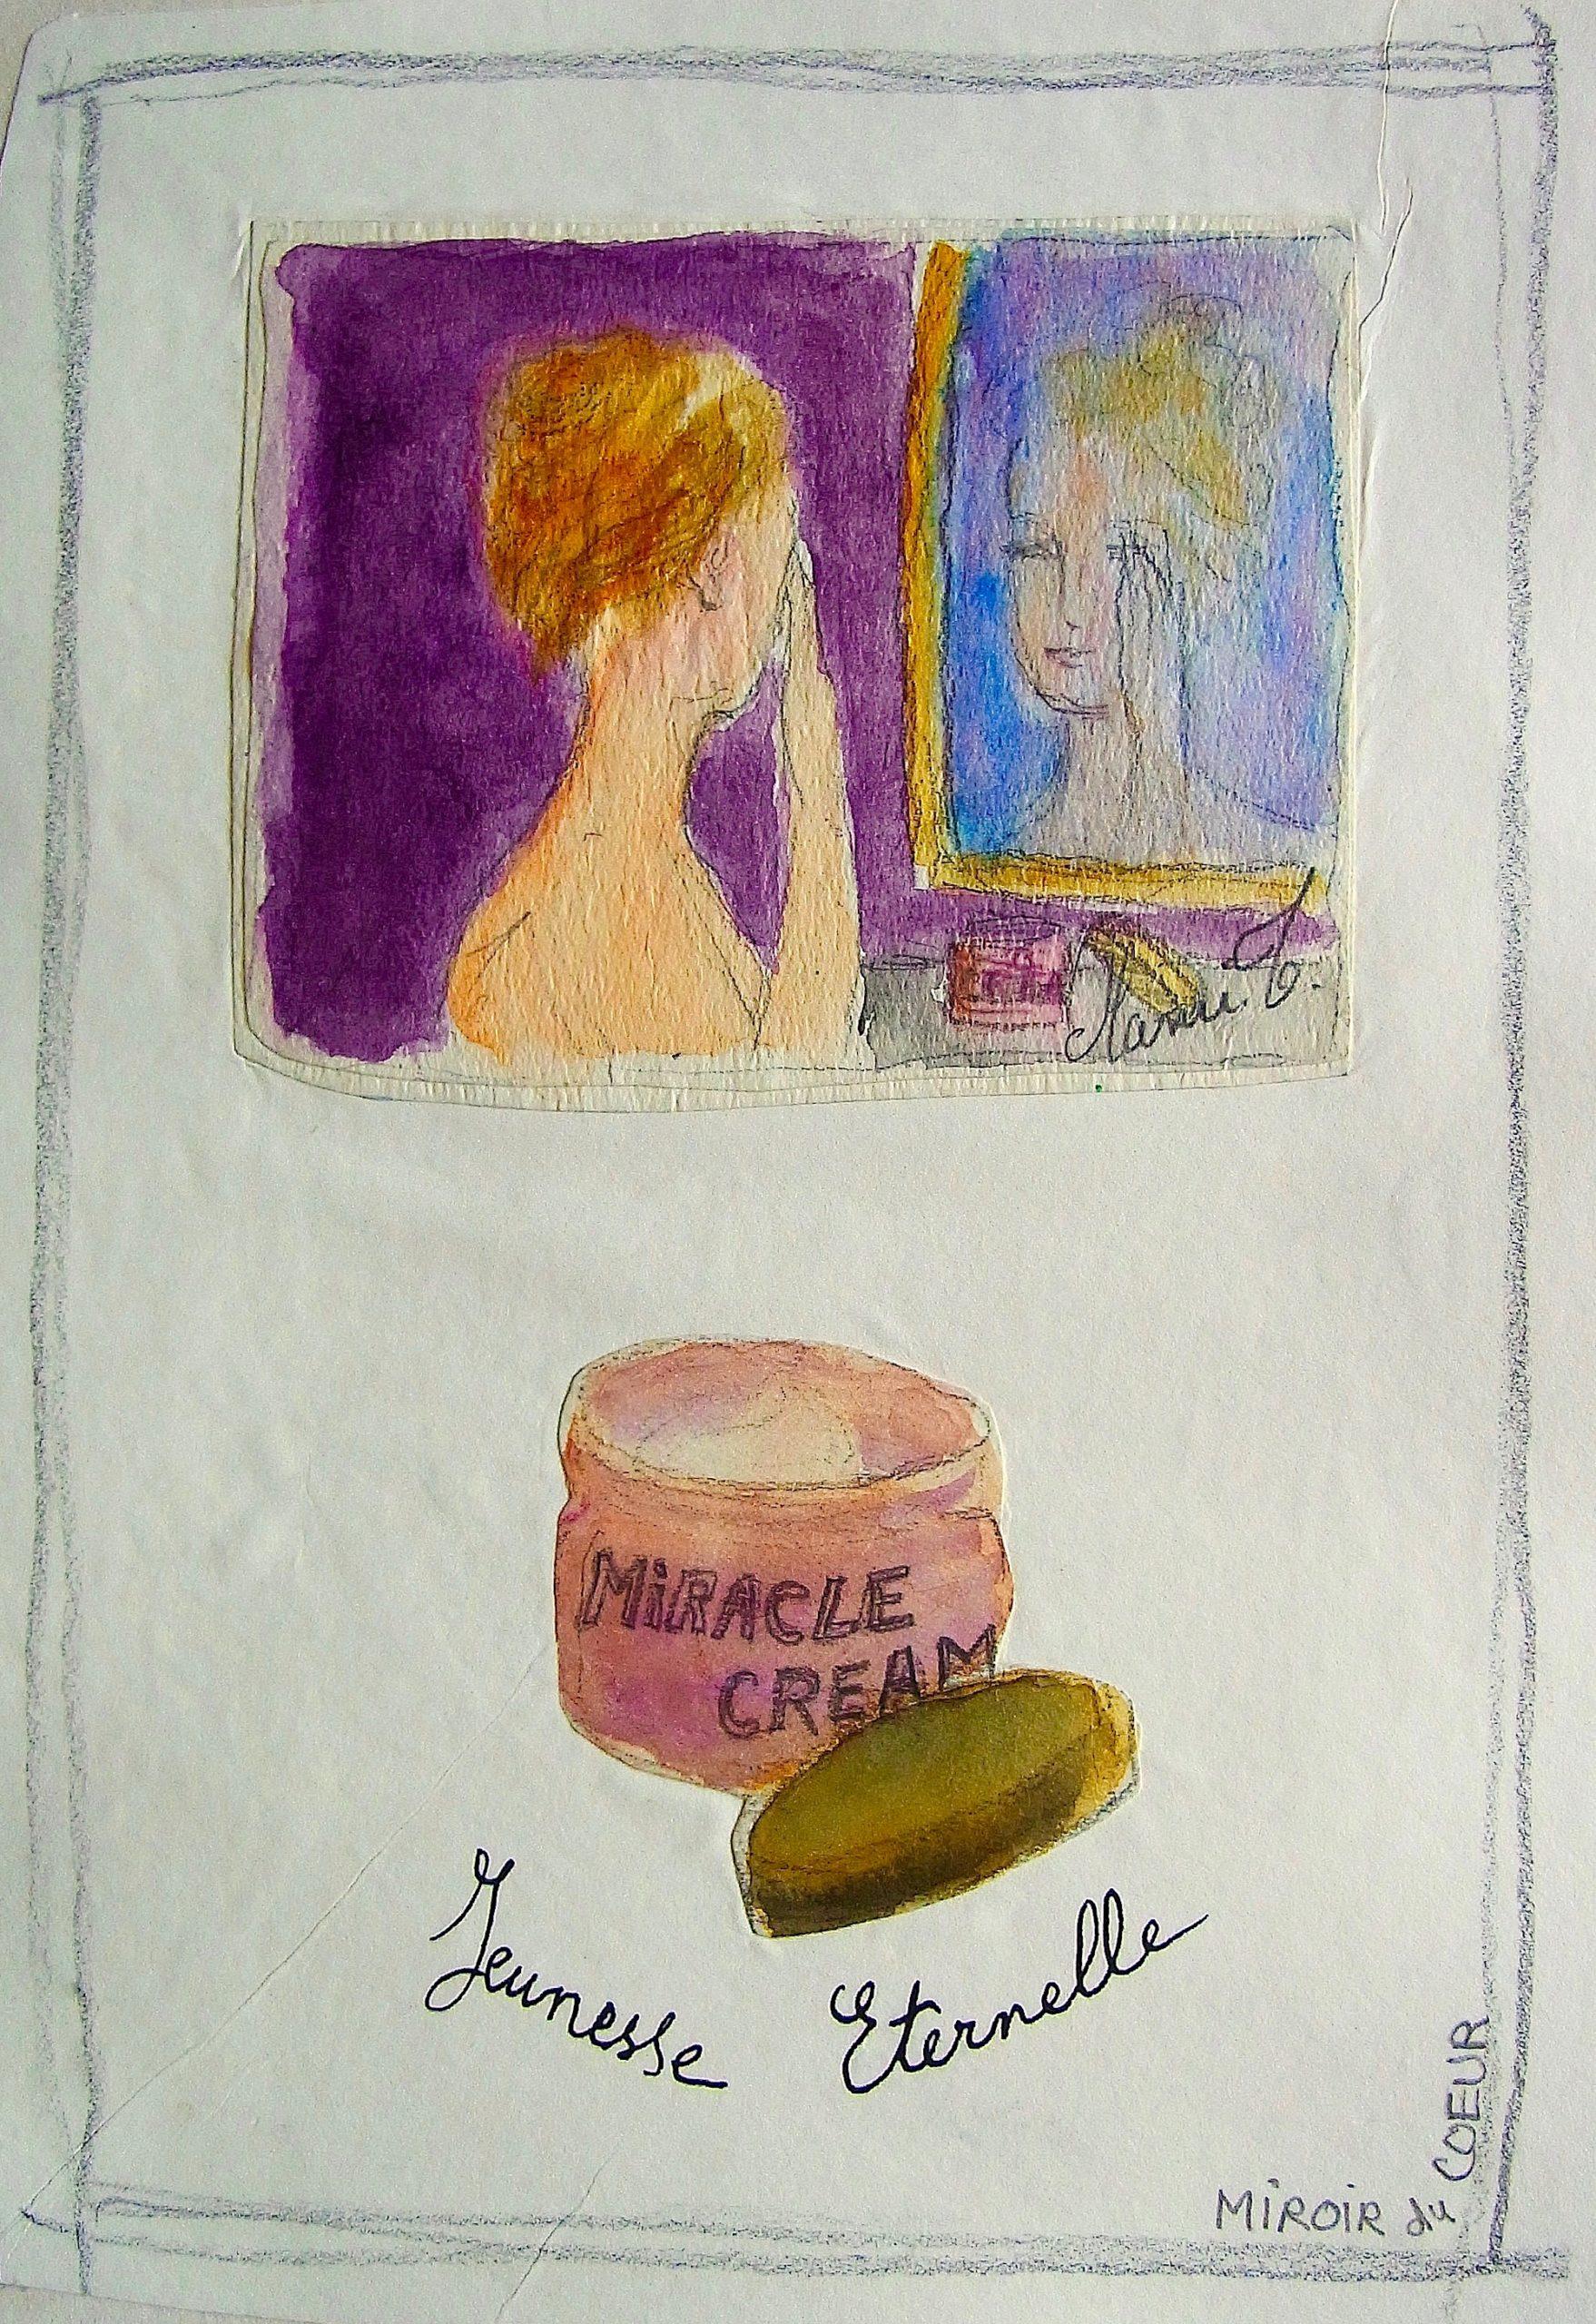 MAMI / Images et Poésie, Miroir du Coeur, Astrologie